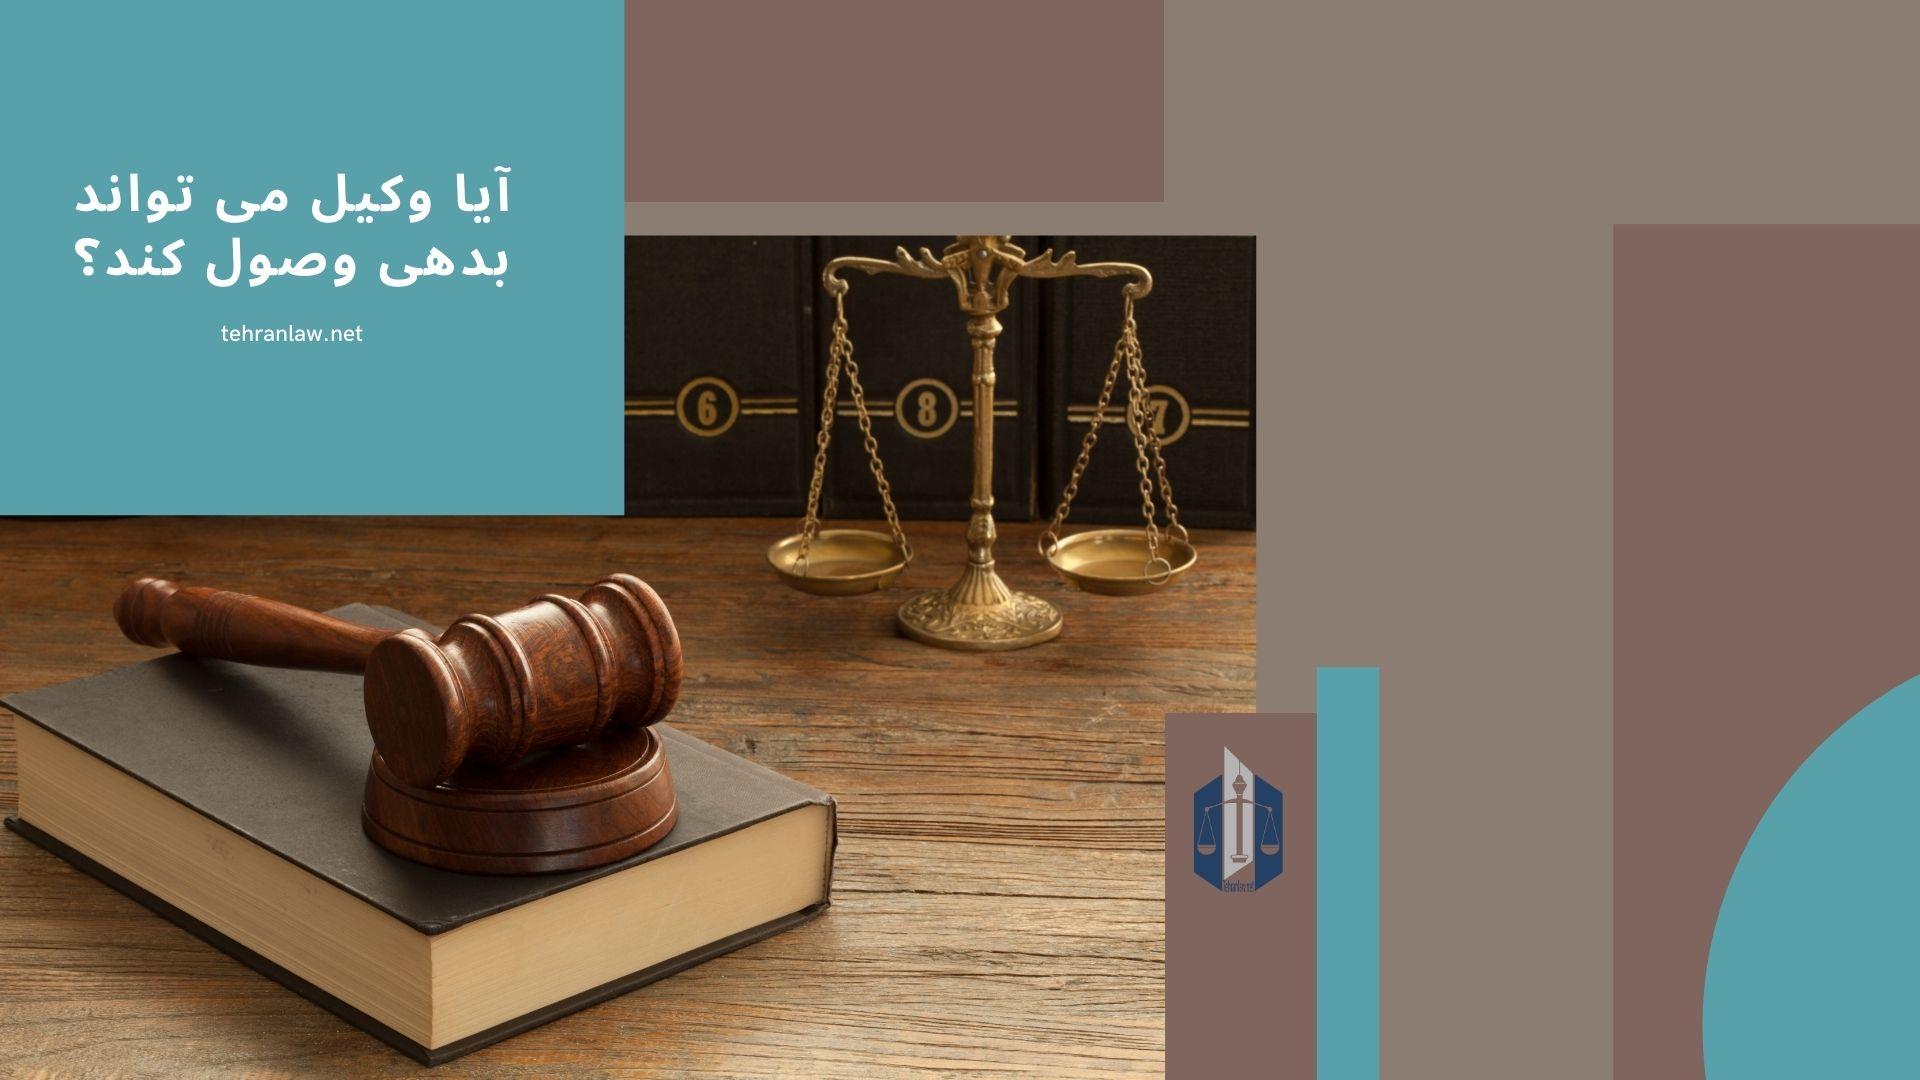 آیا وکیل می تواند بدهی وصول کند؟